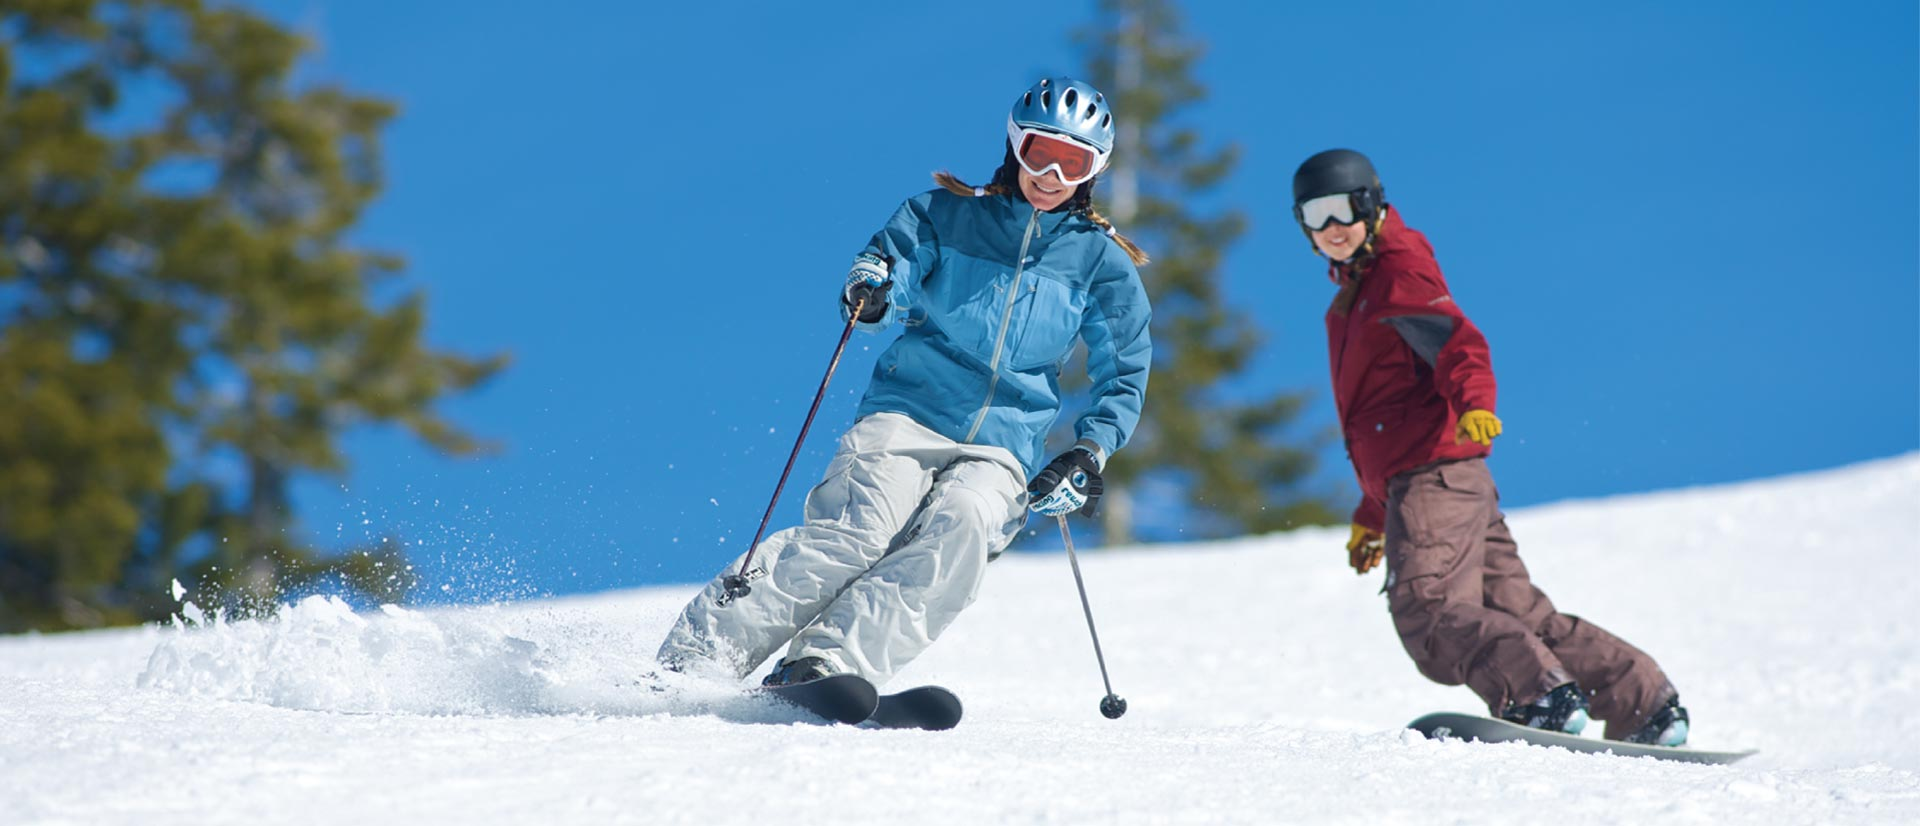 ski-ili-snownboard-v-bulgaria